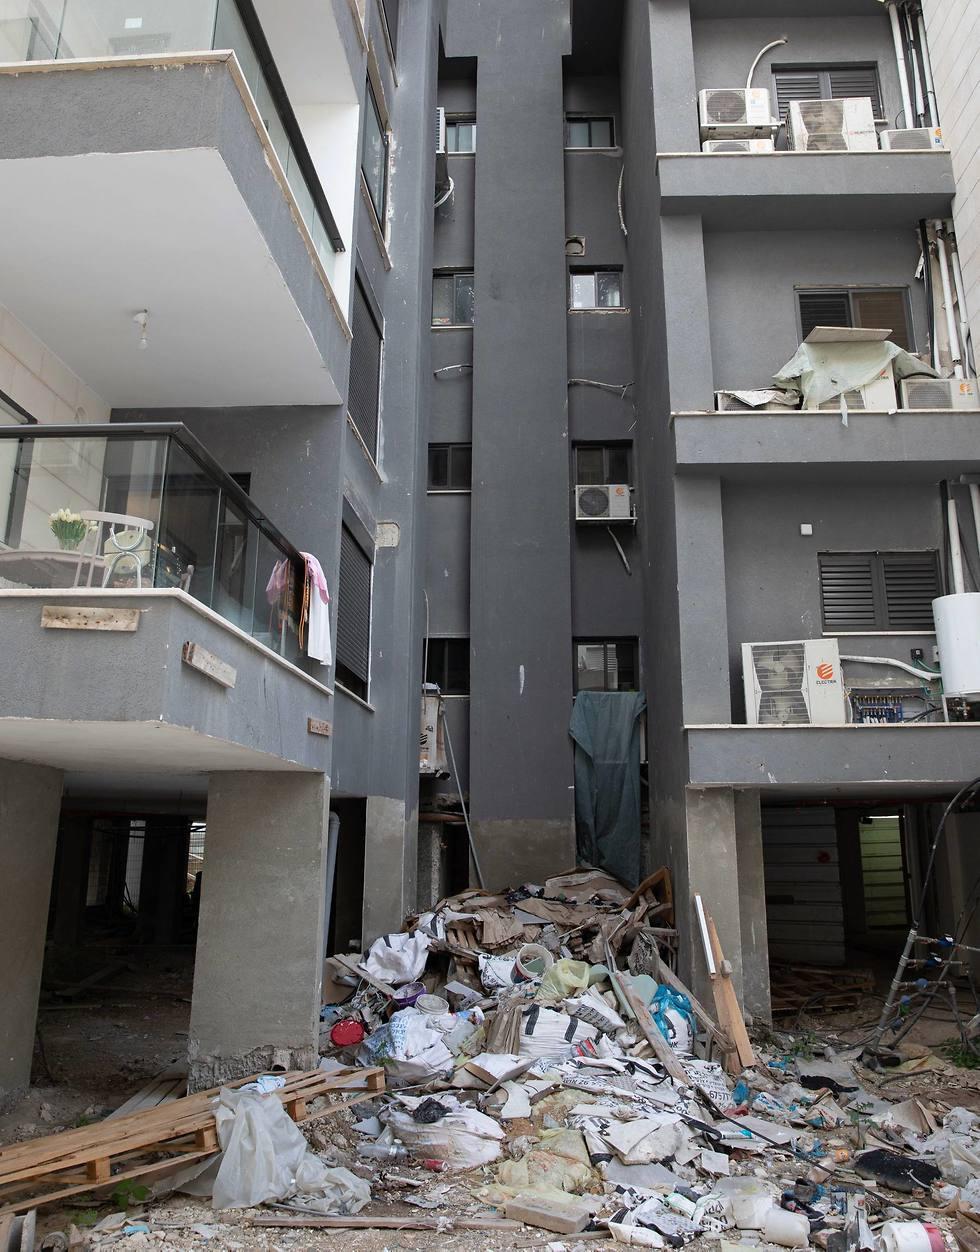 הבנין ברחוב זימן 4 בתל אביב  (צילום: עוז מועלם)